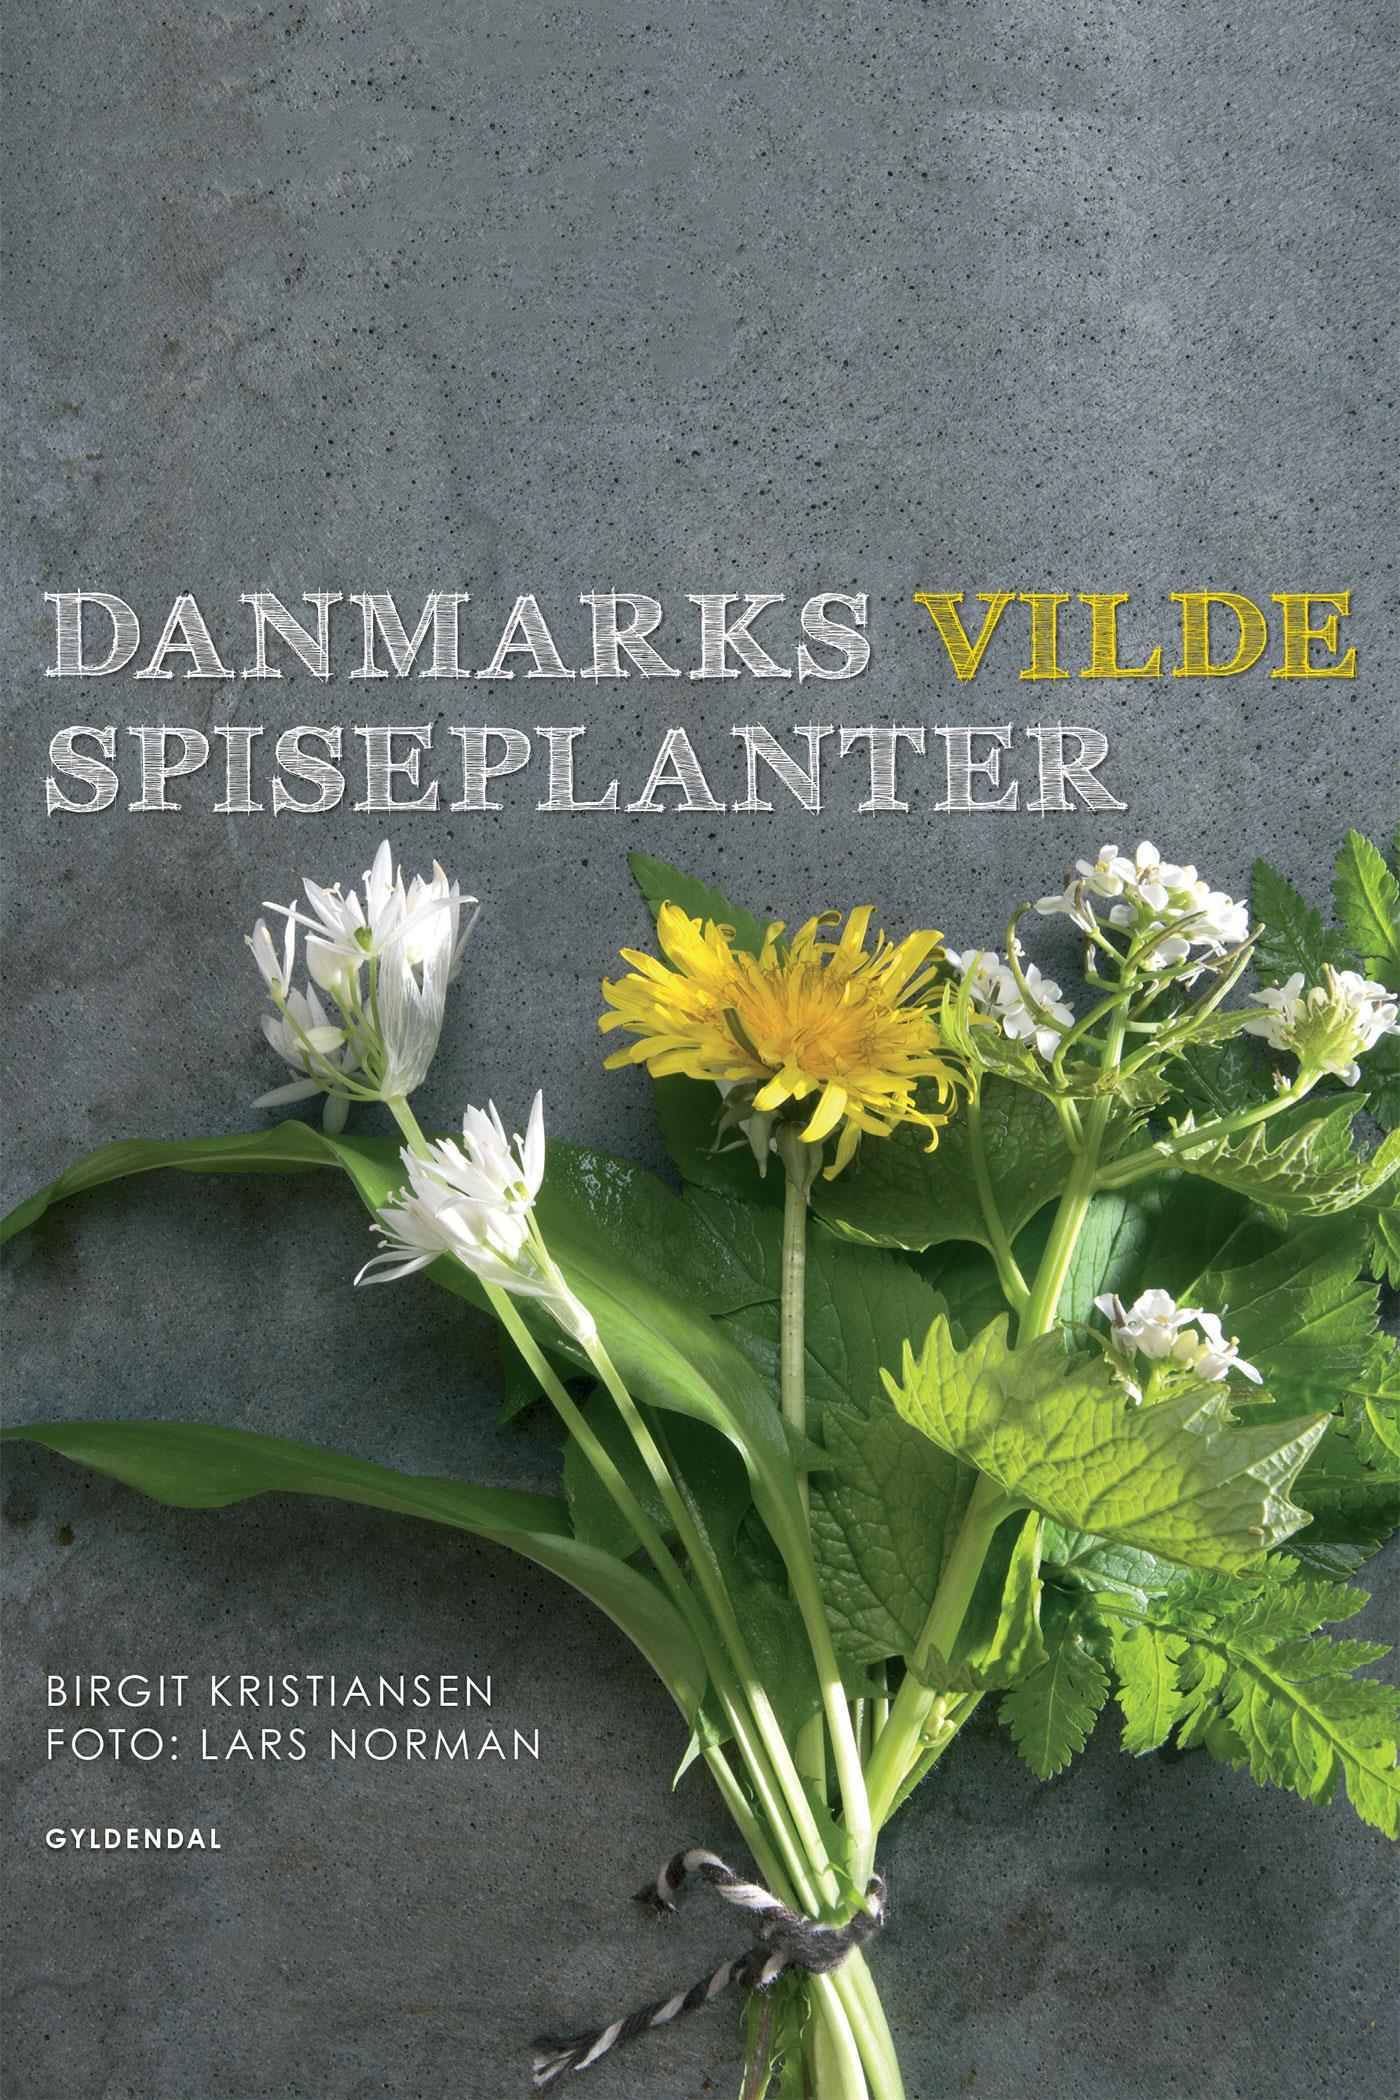 N/A – Danmarks vilde spiseplanter - e-bog på bog & mystik